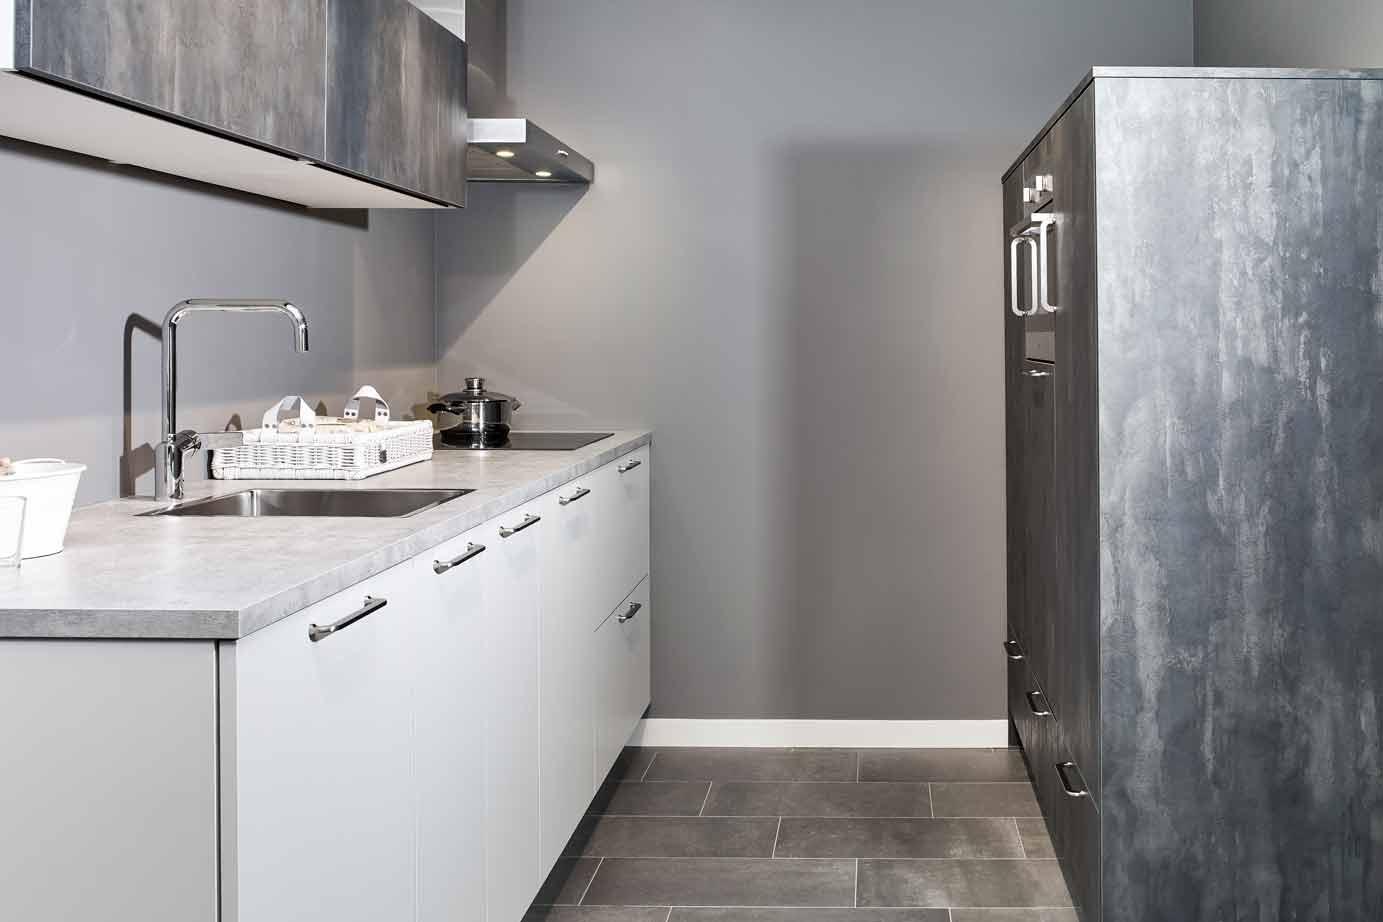 Keuken Moderne Klein : Parallel keuken voor de kleine keuken db keukens